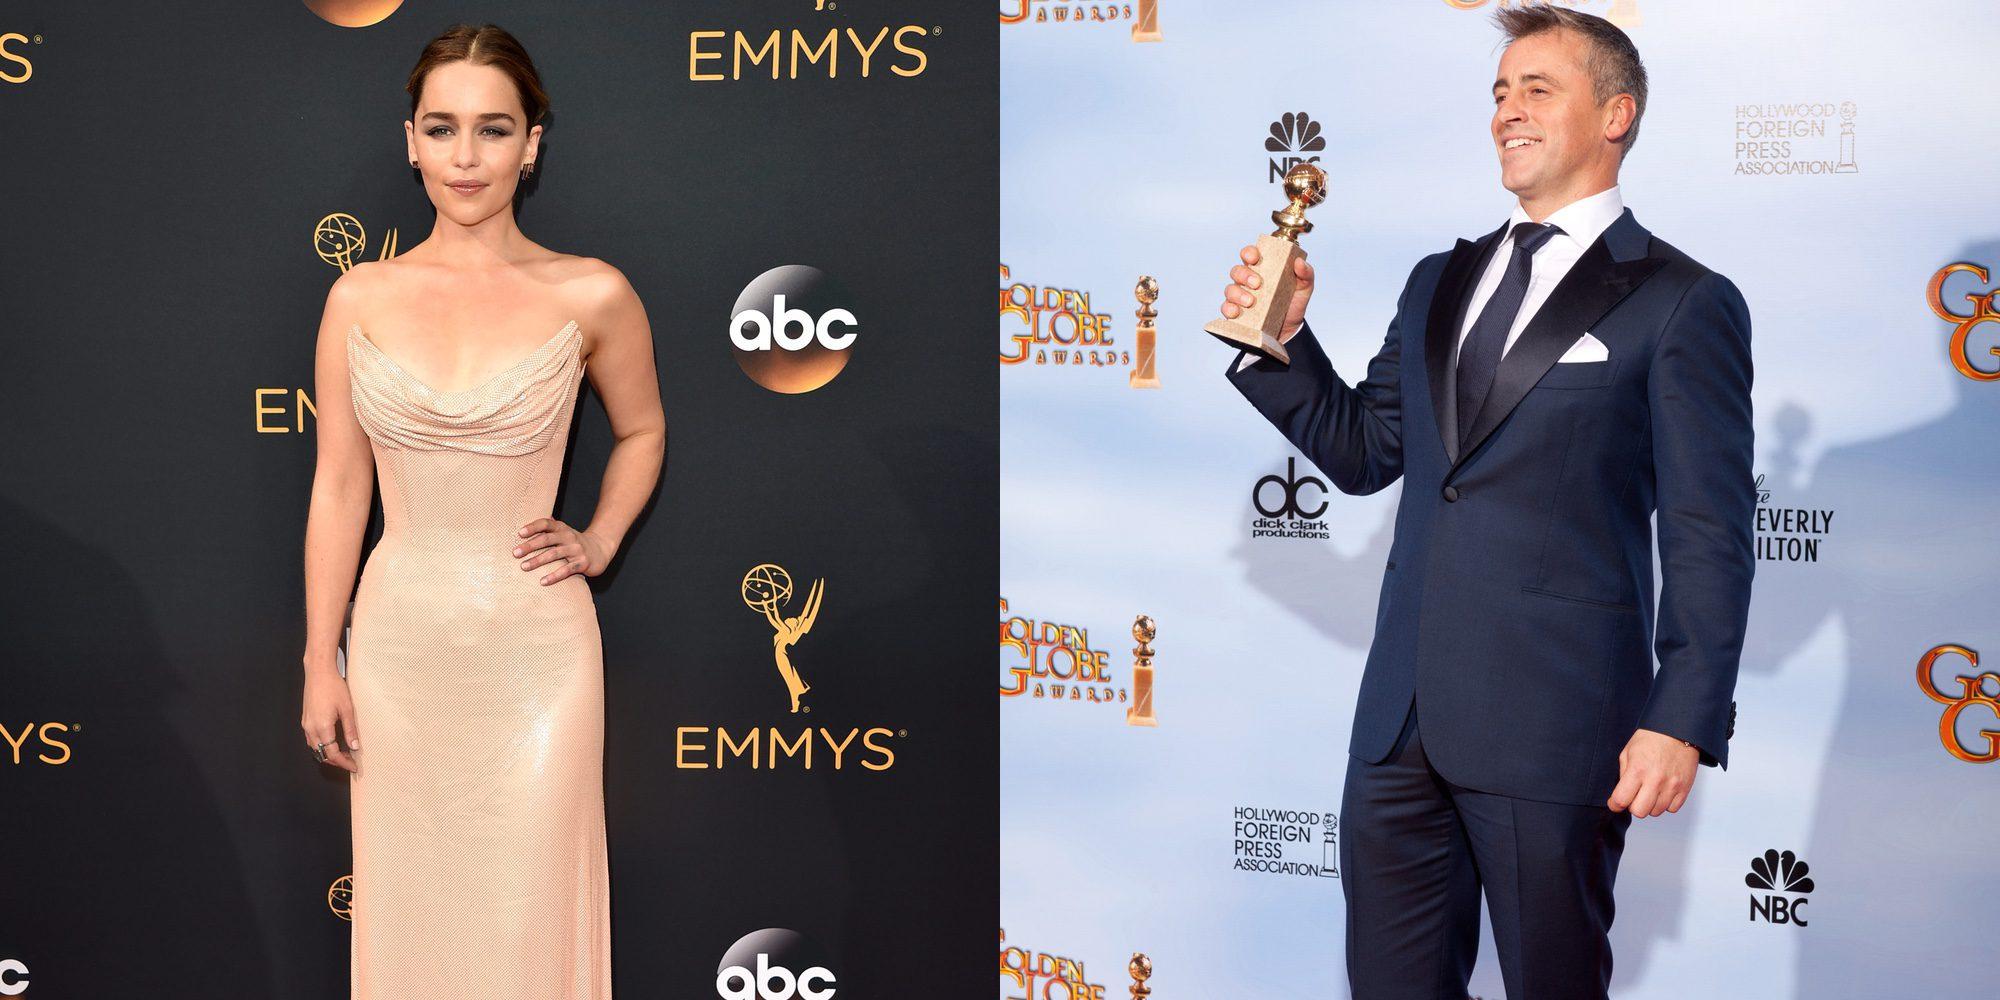 El polémico comentario que Matt LeBlanc hizo sobre Emilia Clarke en los Premios Emmy 2016